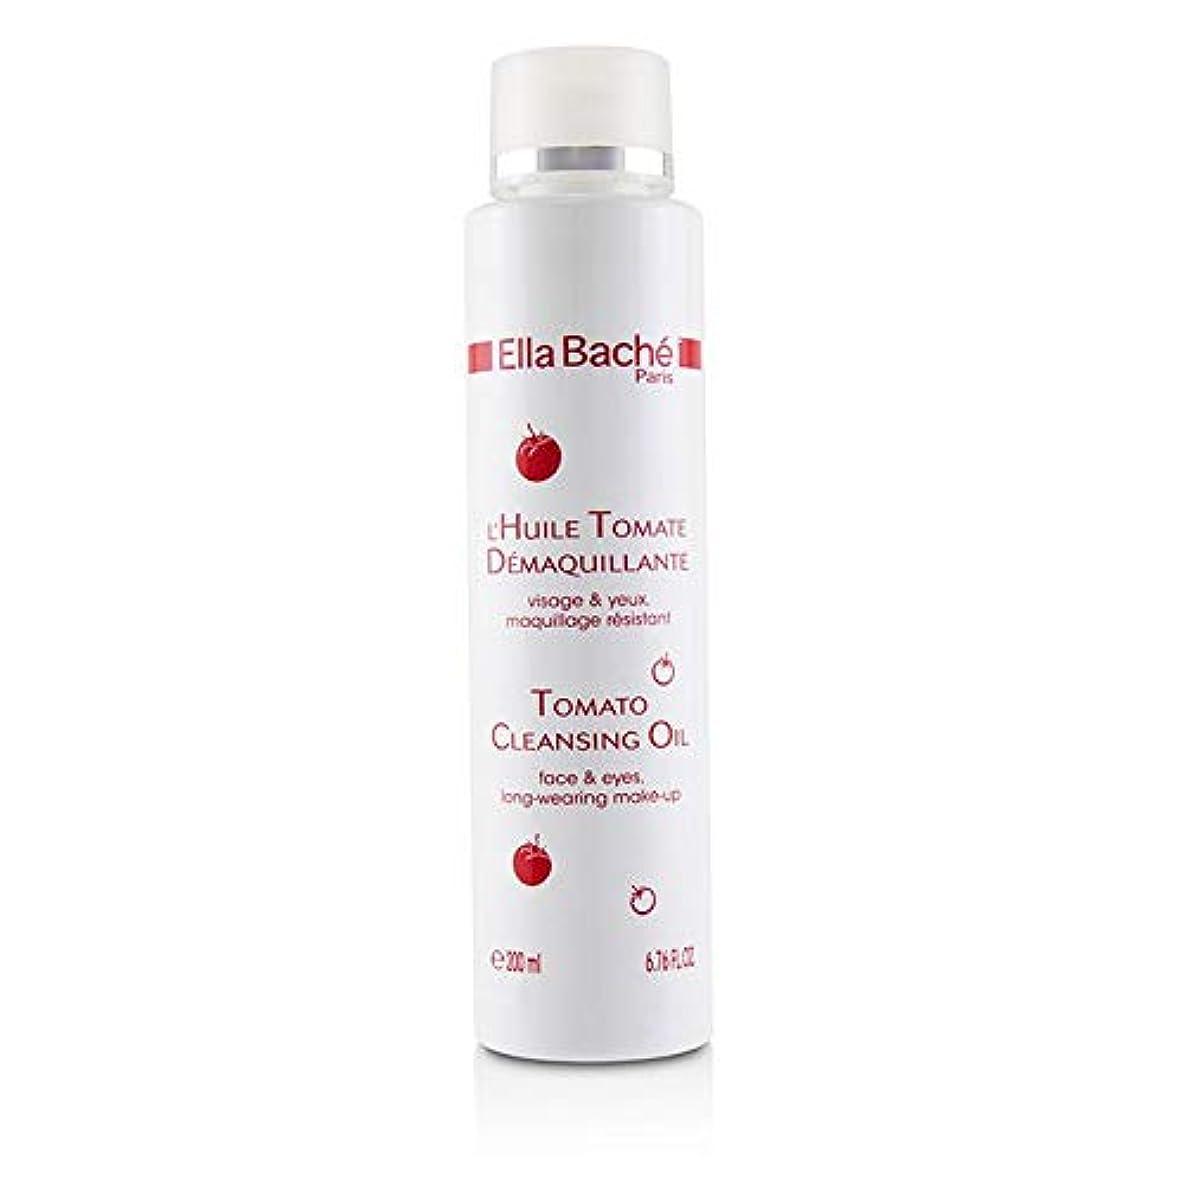 異邦人精度ヤギエラバシェ Tomato Cleansing Oil for Face & Eyes, Long-Wearing Make-Up 200ml/6.76oz並行輸入品